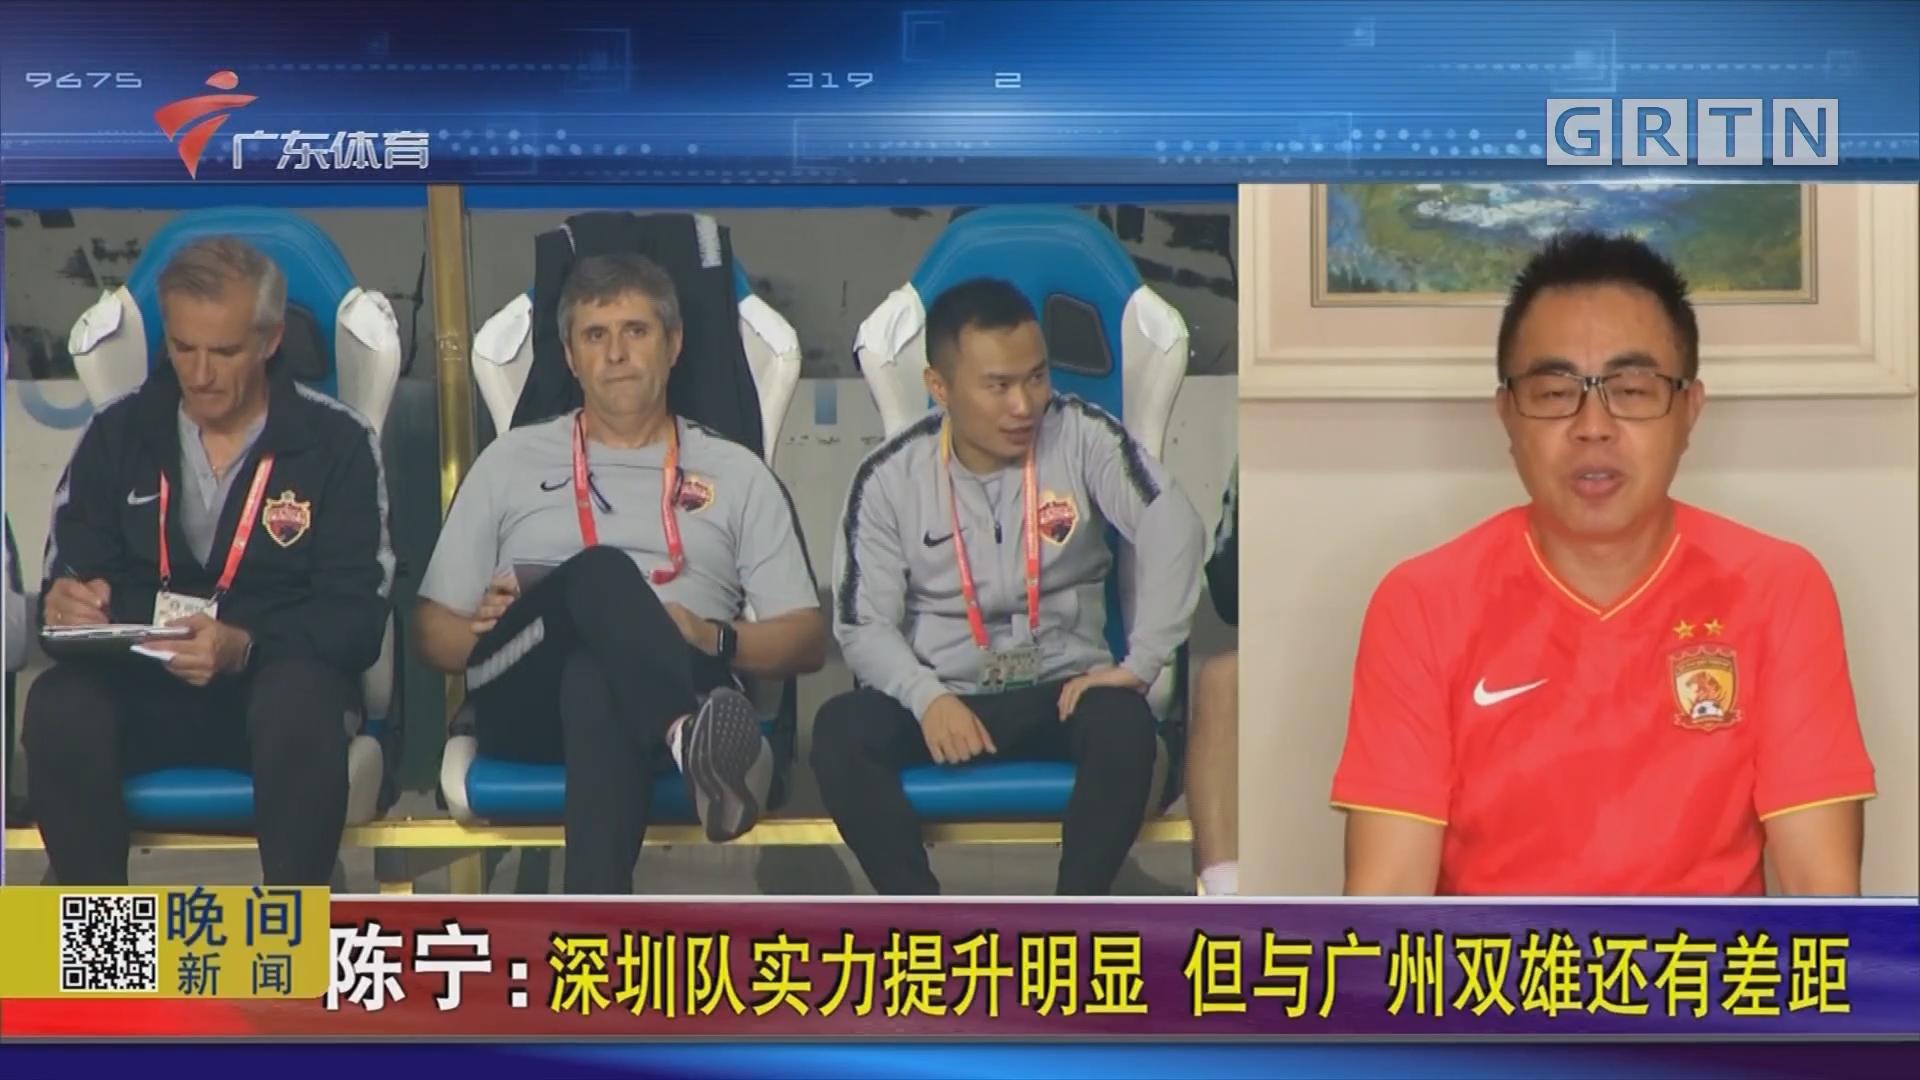 陈宁:深圳队实力提升明显 但与广州双雄还有差距